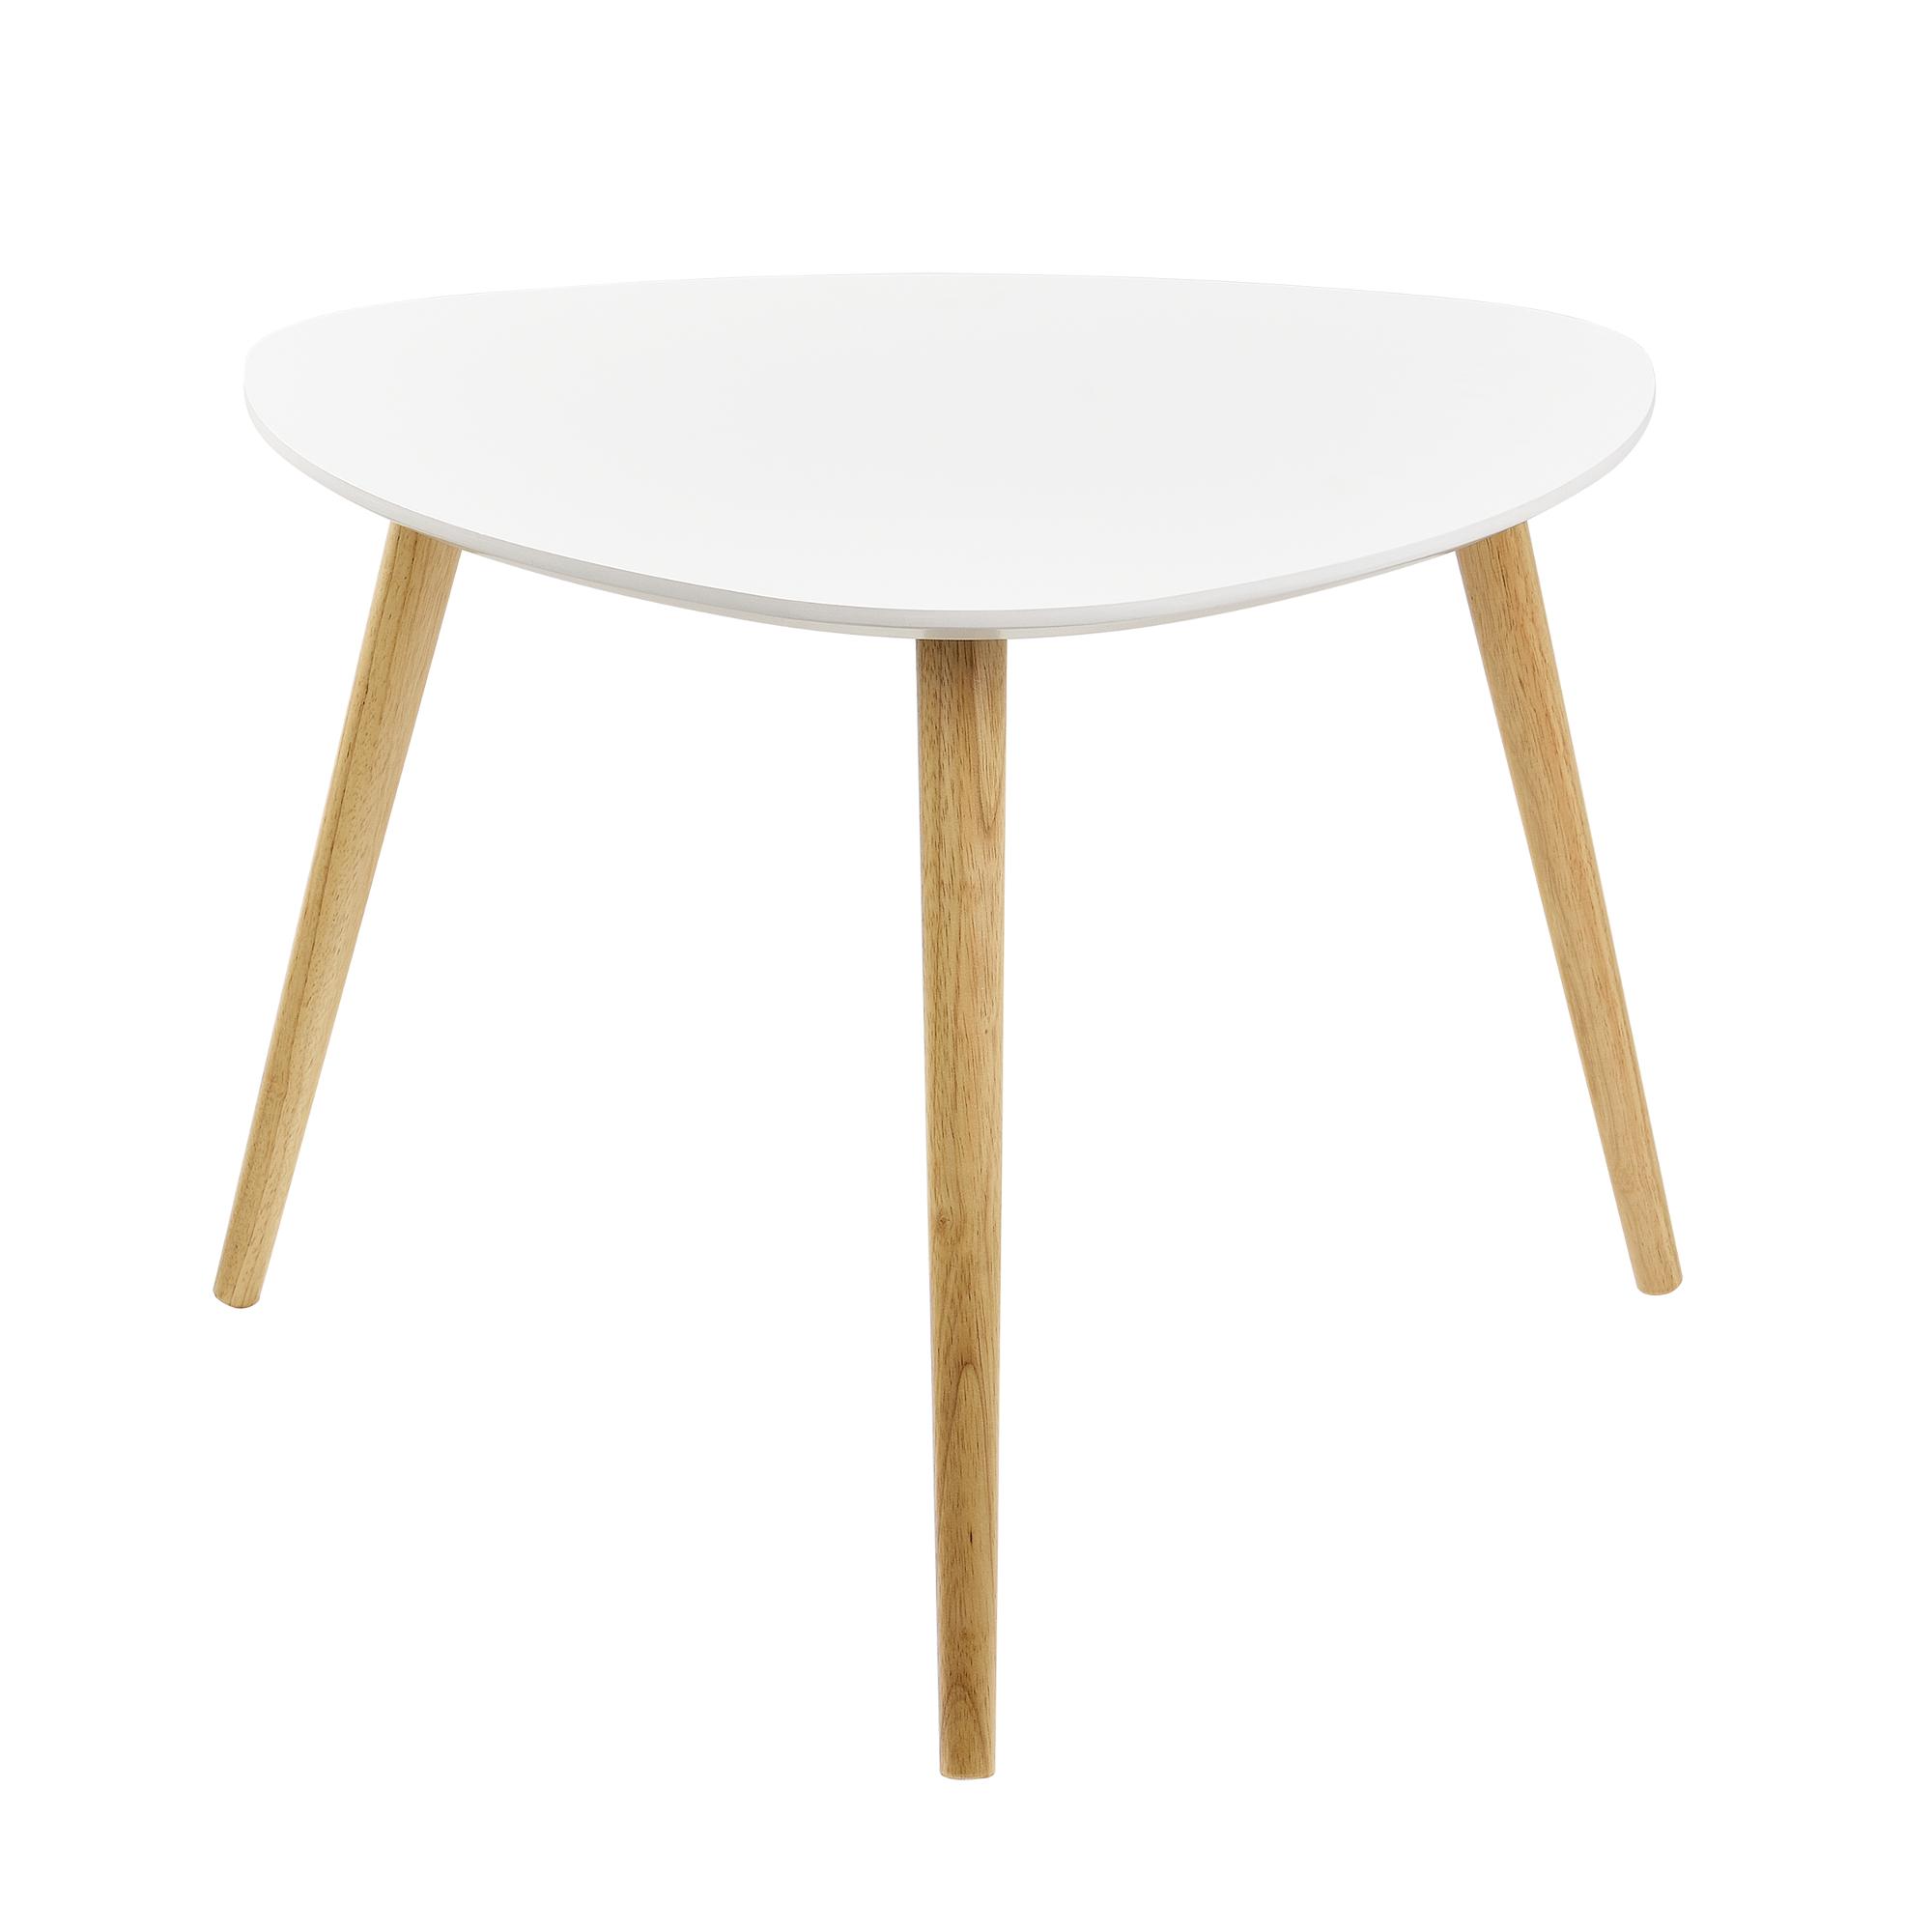 en casa table basse 2er set table d 39 appoint lit table salon blanc ebay. Black Bedroom Furniture Sets. Home Design Ideas